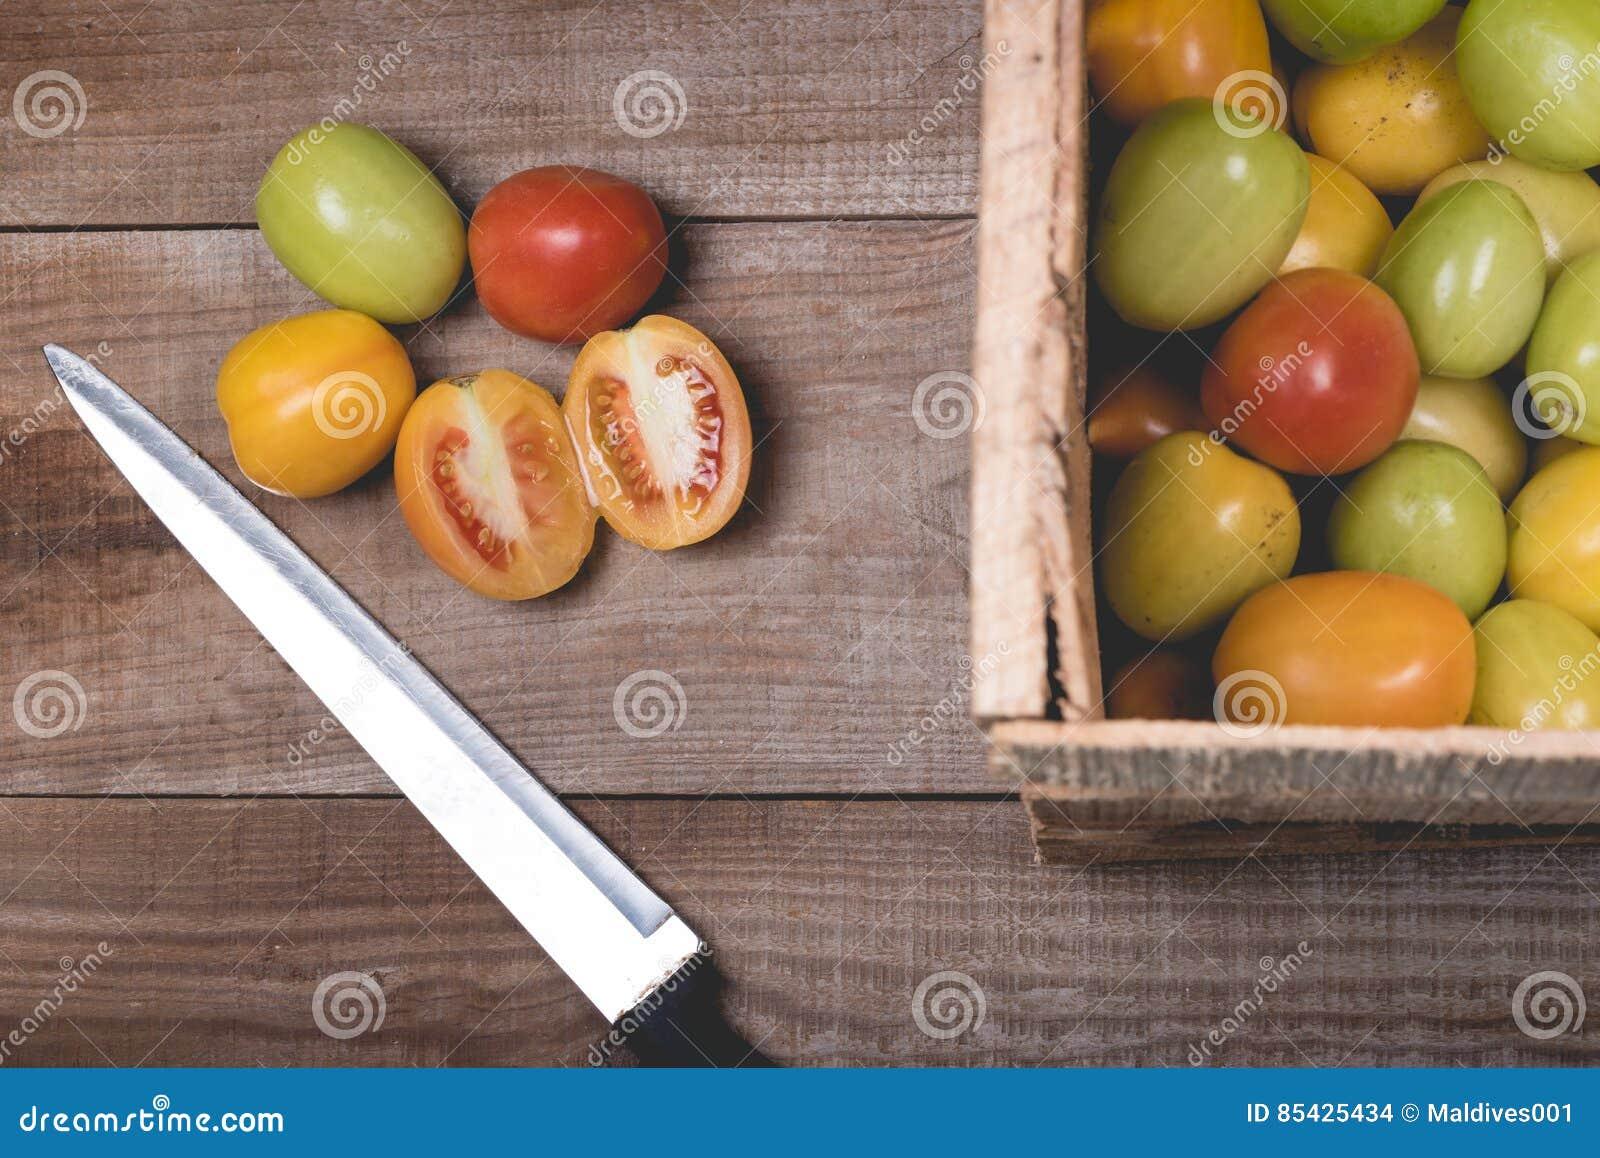 Tomates crudos en un fondo de madera